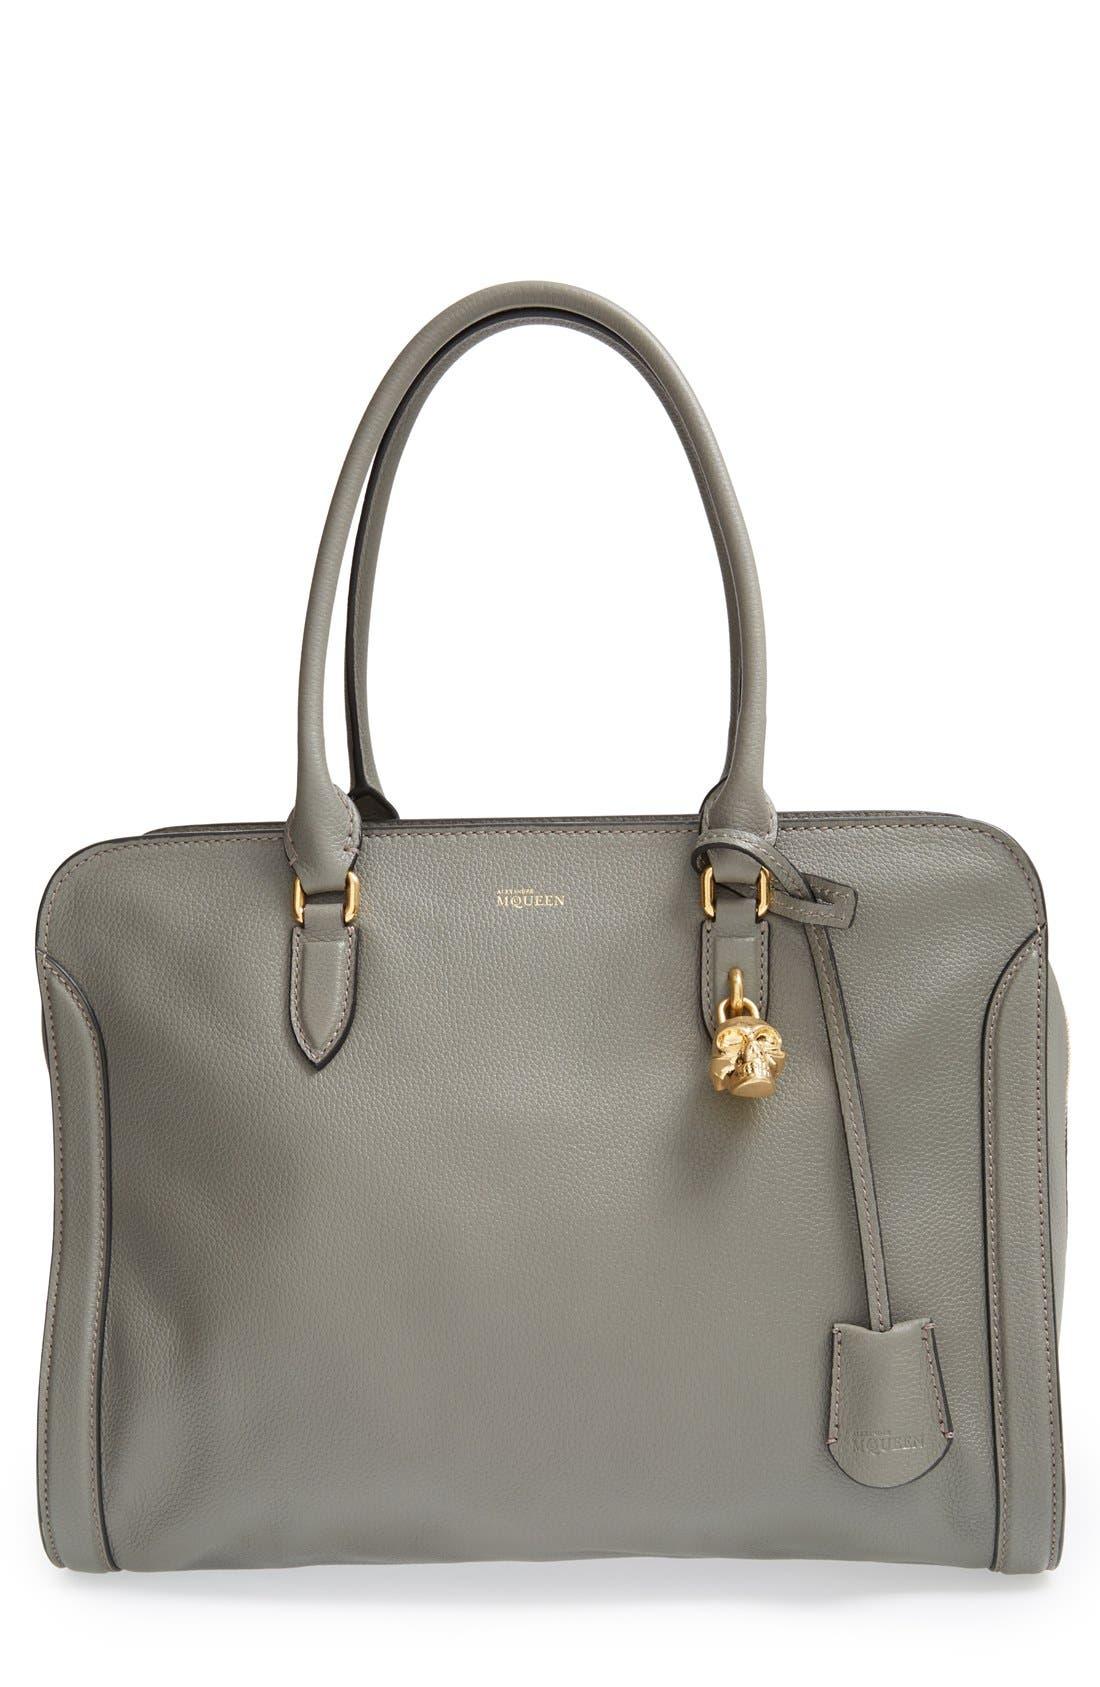 Alexander McQueen 'Padlock' Calfskin Leather Duffel Bag